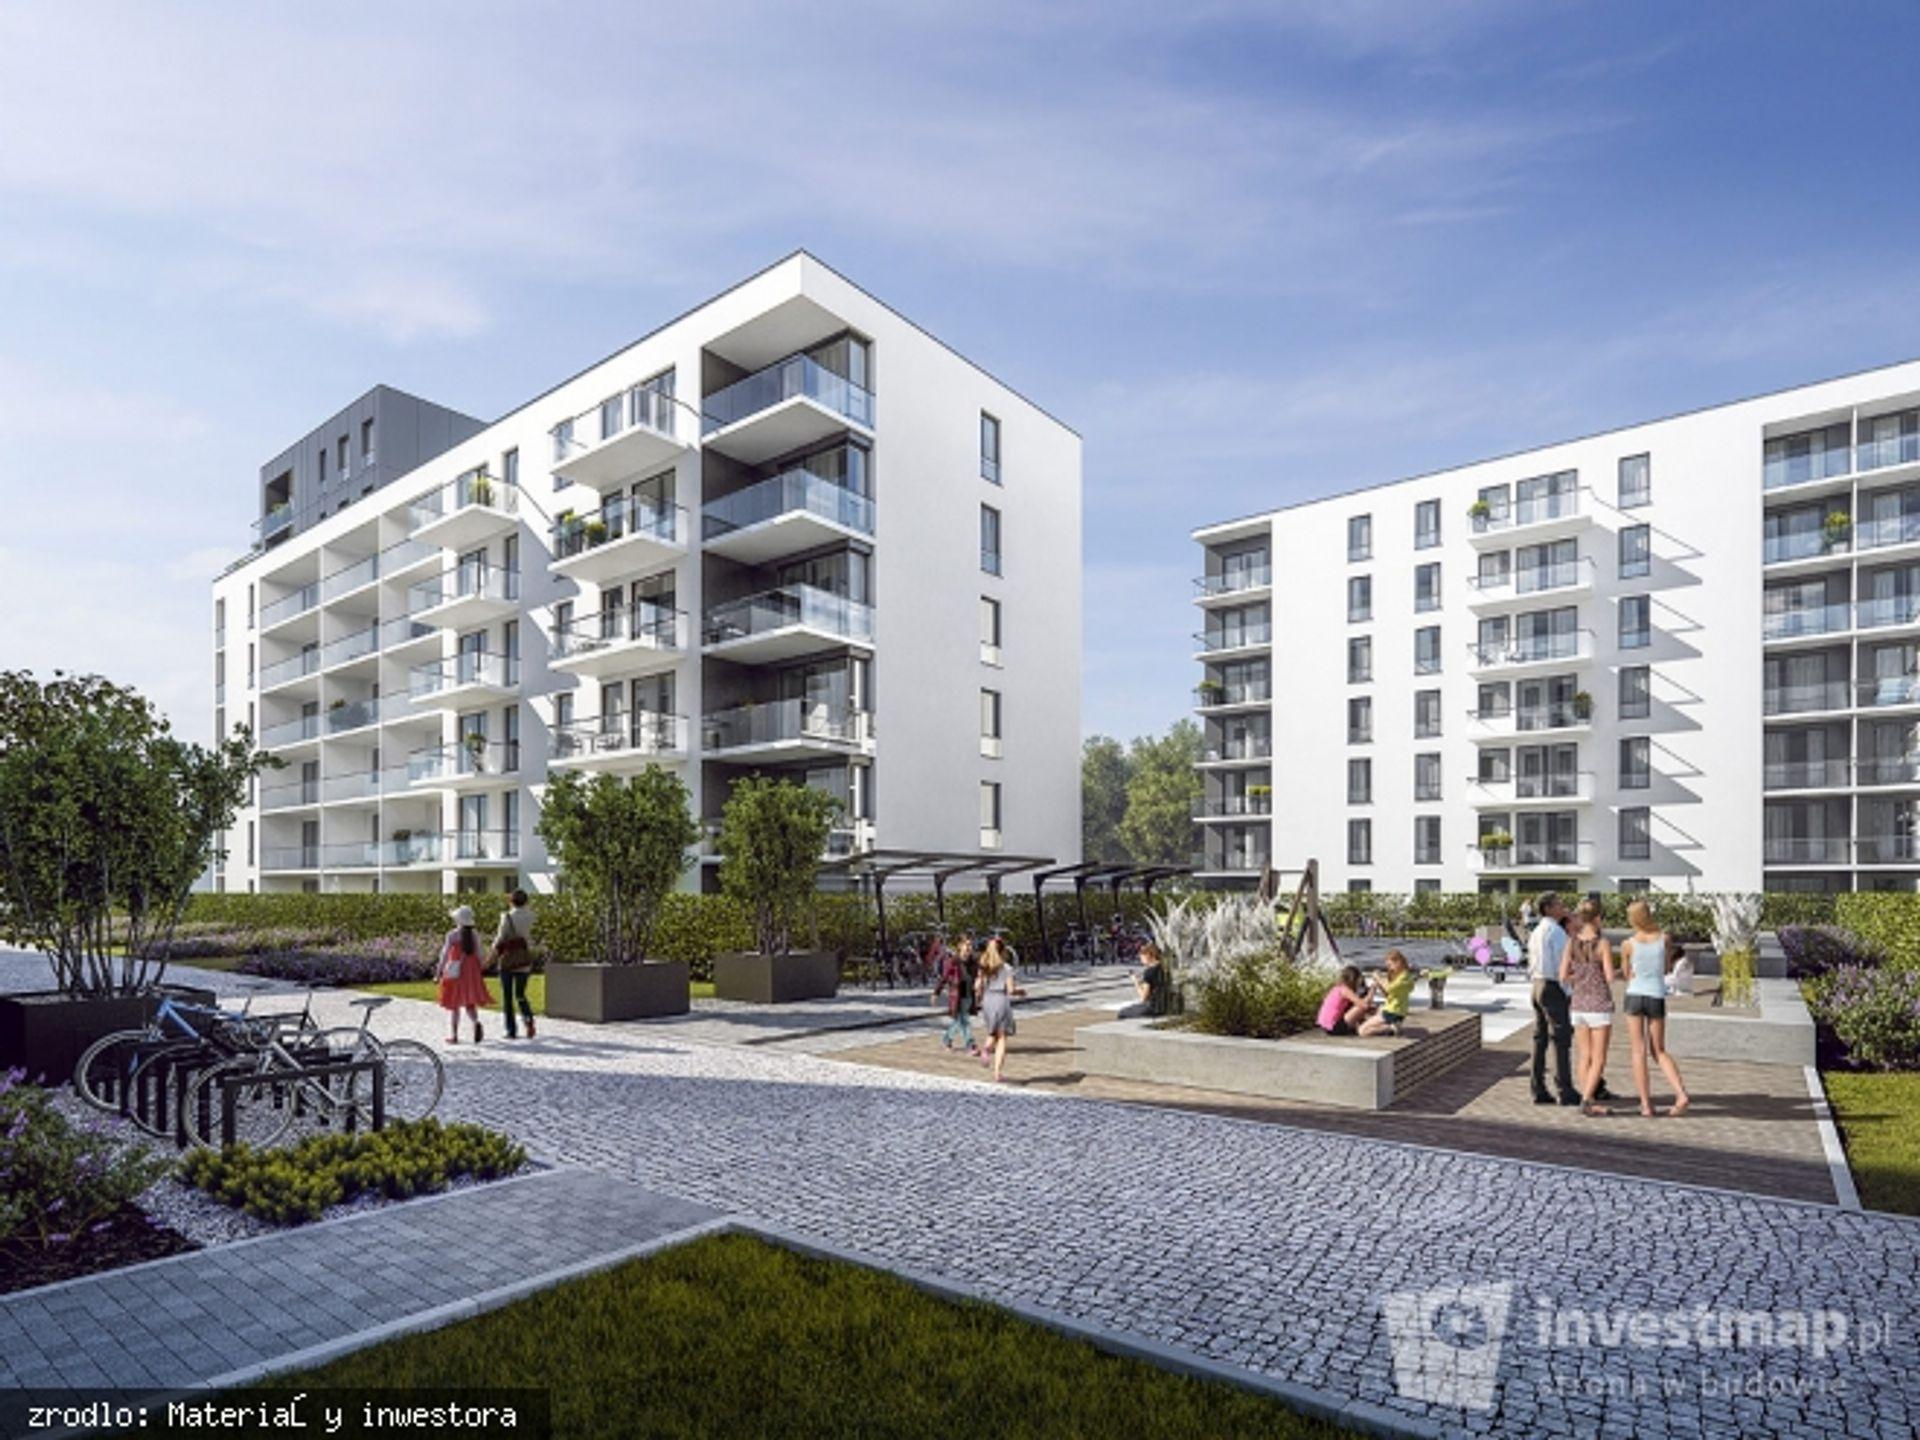 [Gdańsk] Harmonia Oliwska – nowa inwestycja Inpro przy Parku Oliwskim